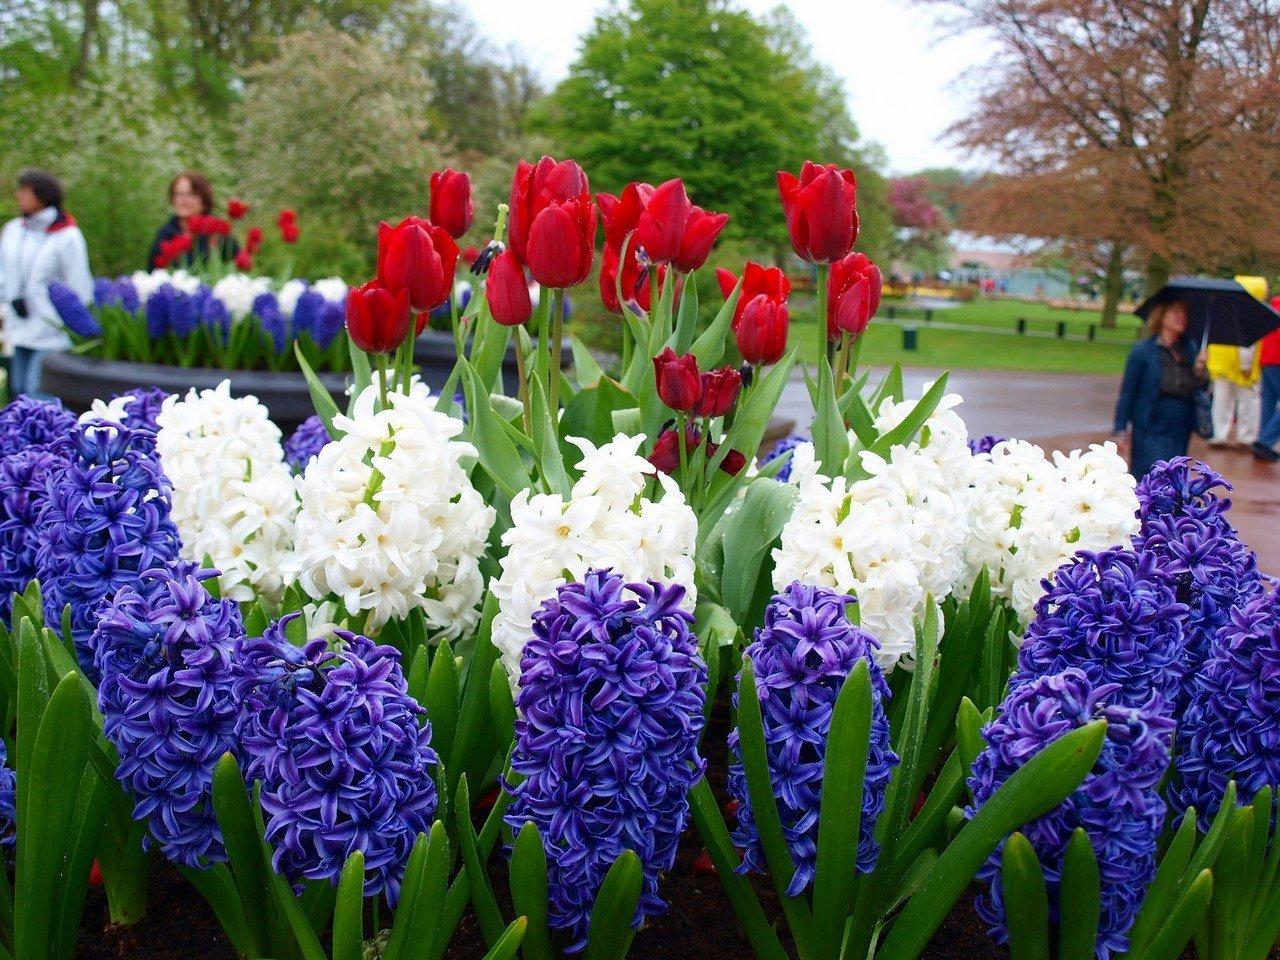 Махачкалу весной и летом будут украшать более одного миллиона цветов